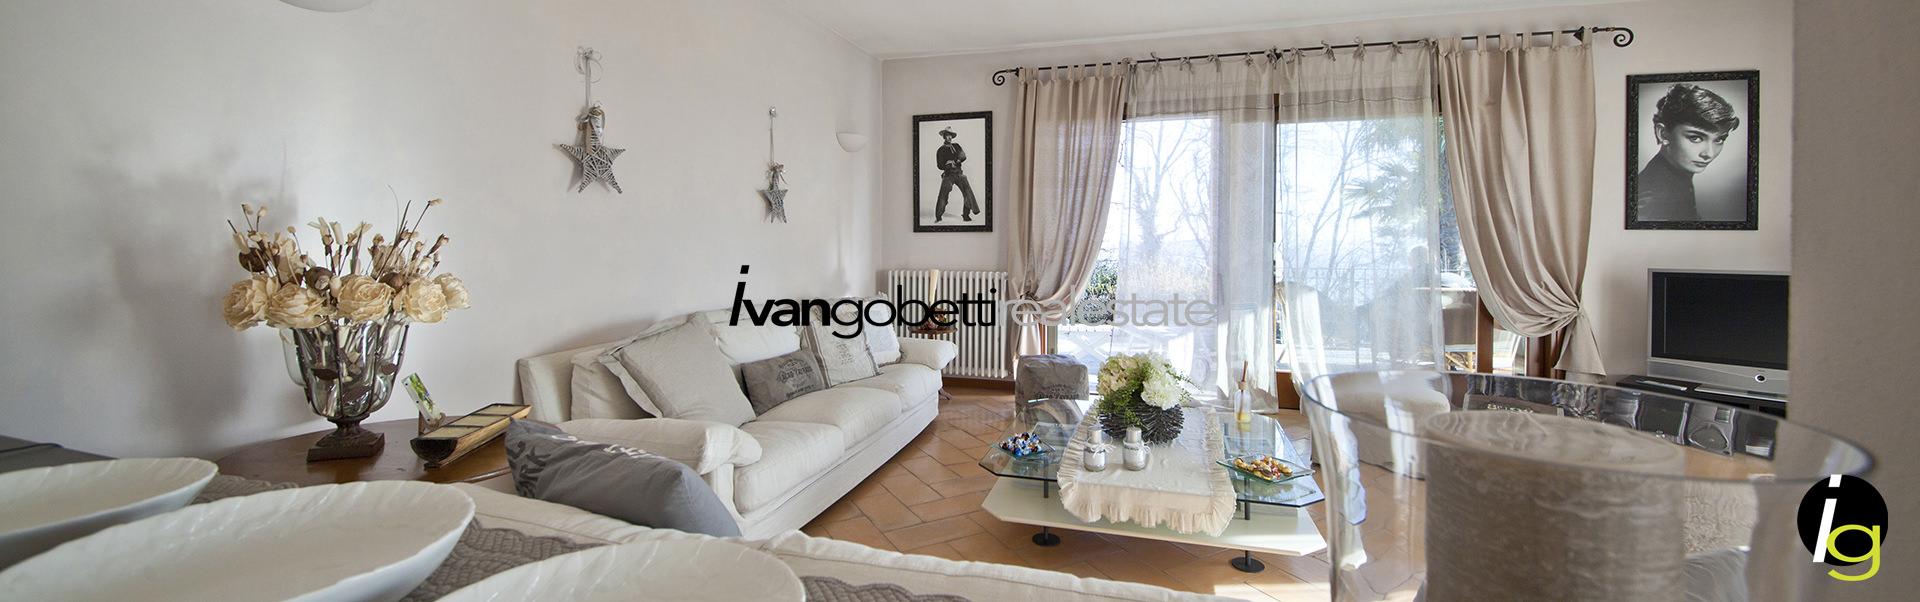 Villa mit Garten und Seeblick,Verbania Maggiore See zu verkaufen